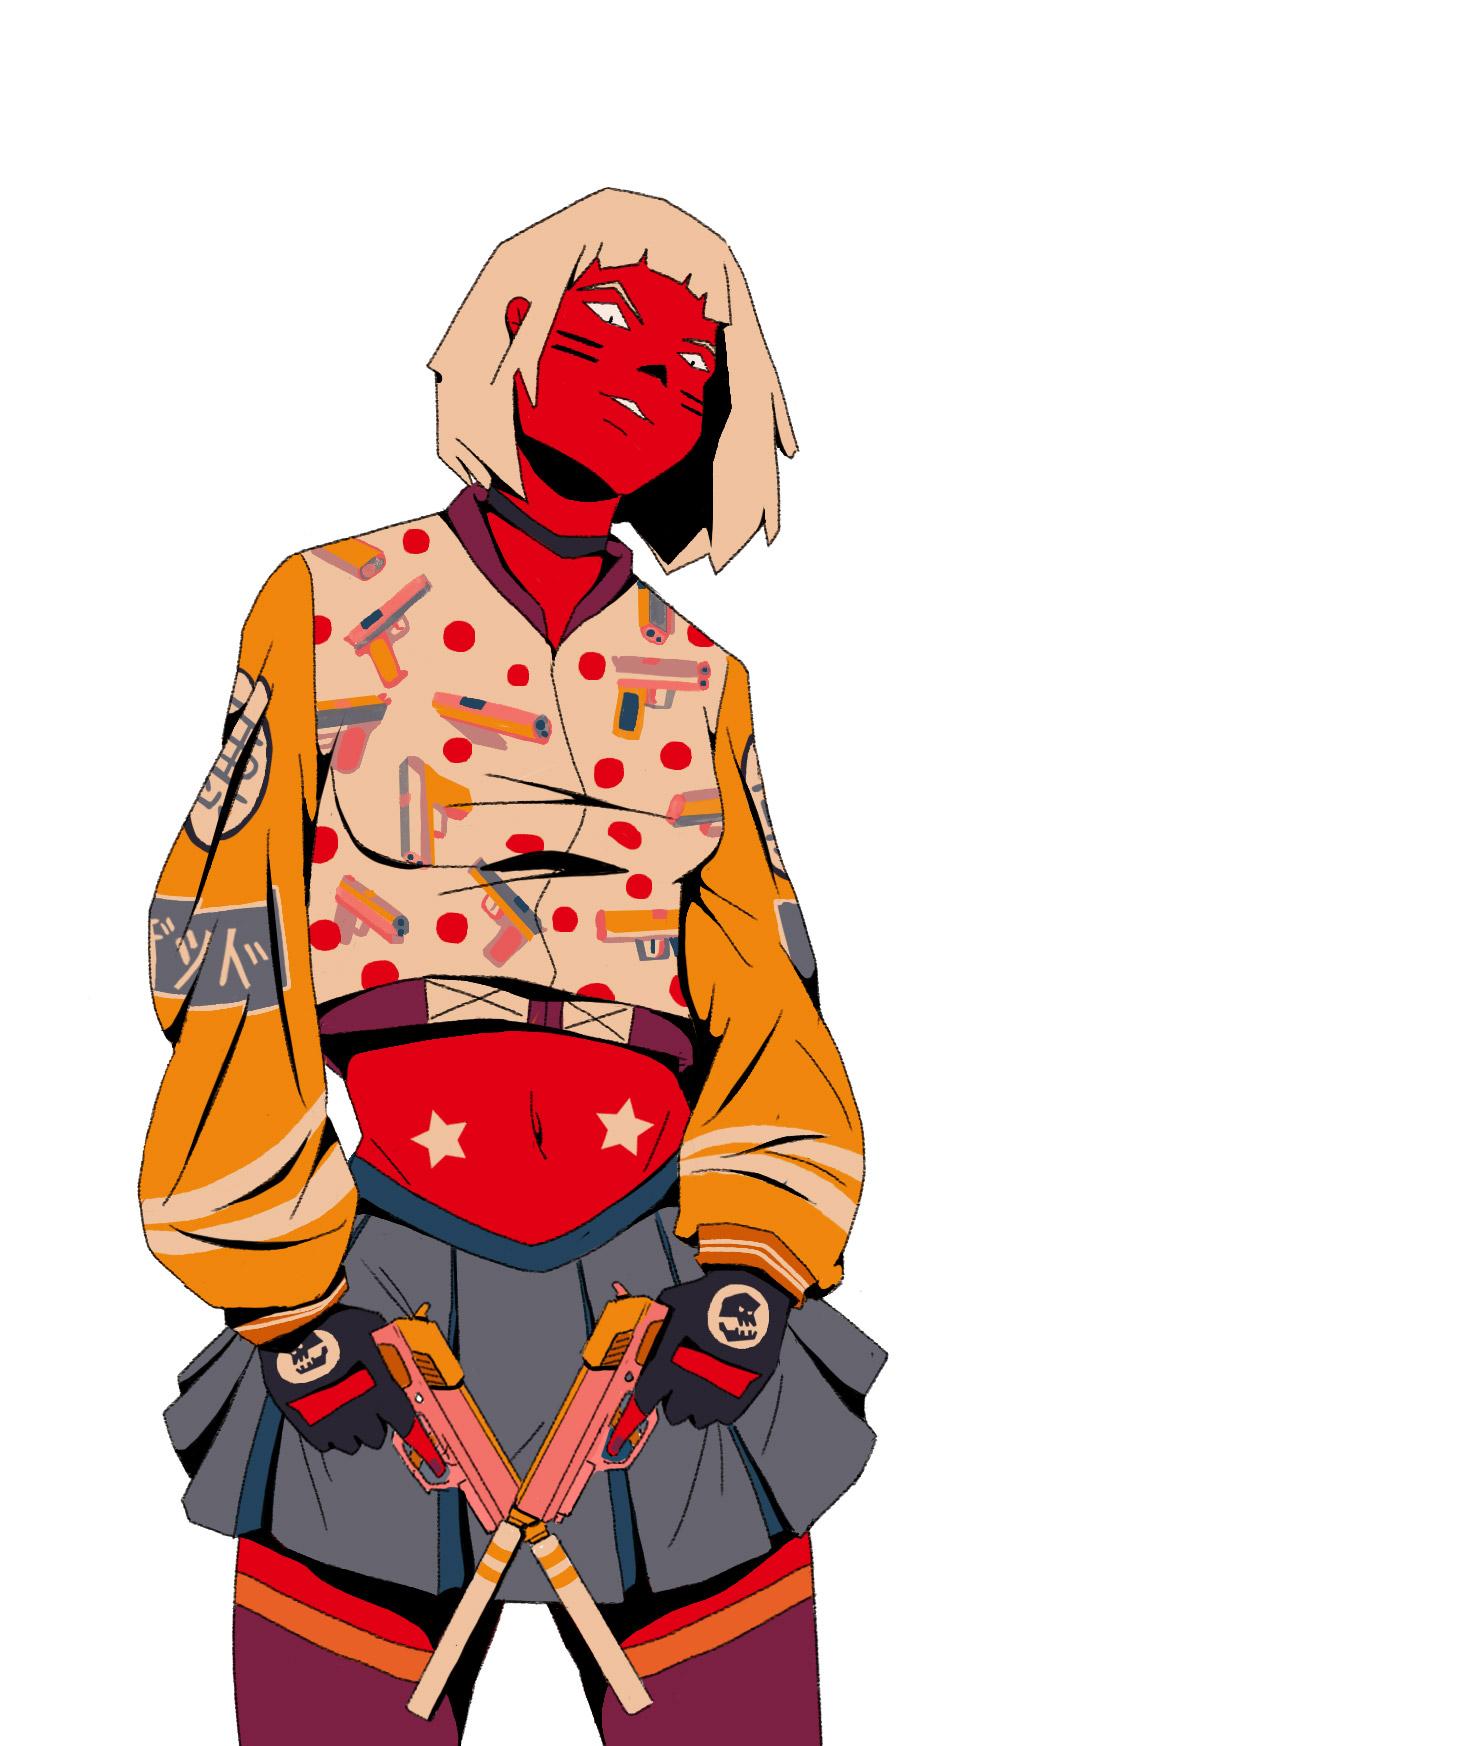 illustrator spotlight mau lencinas � booooooom � create